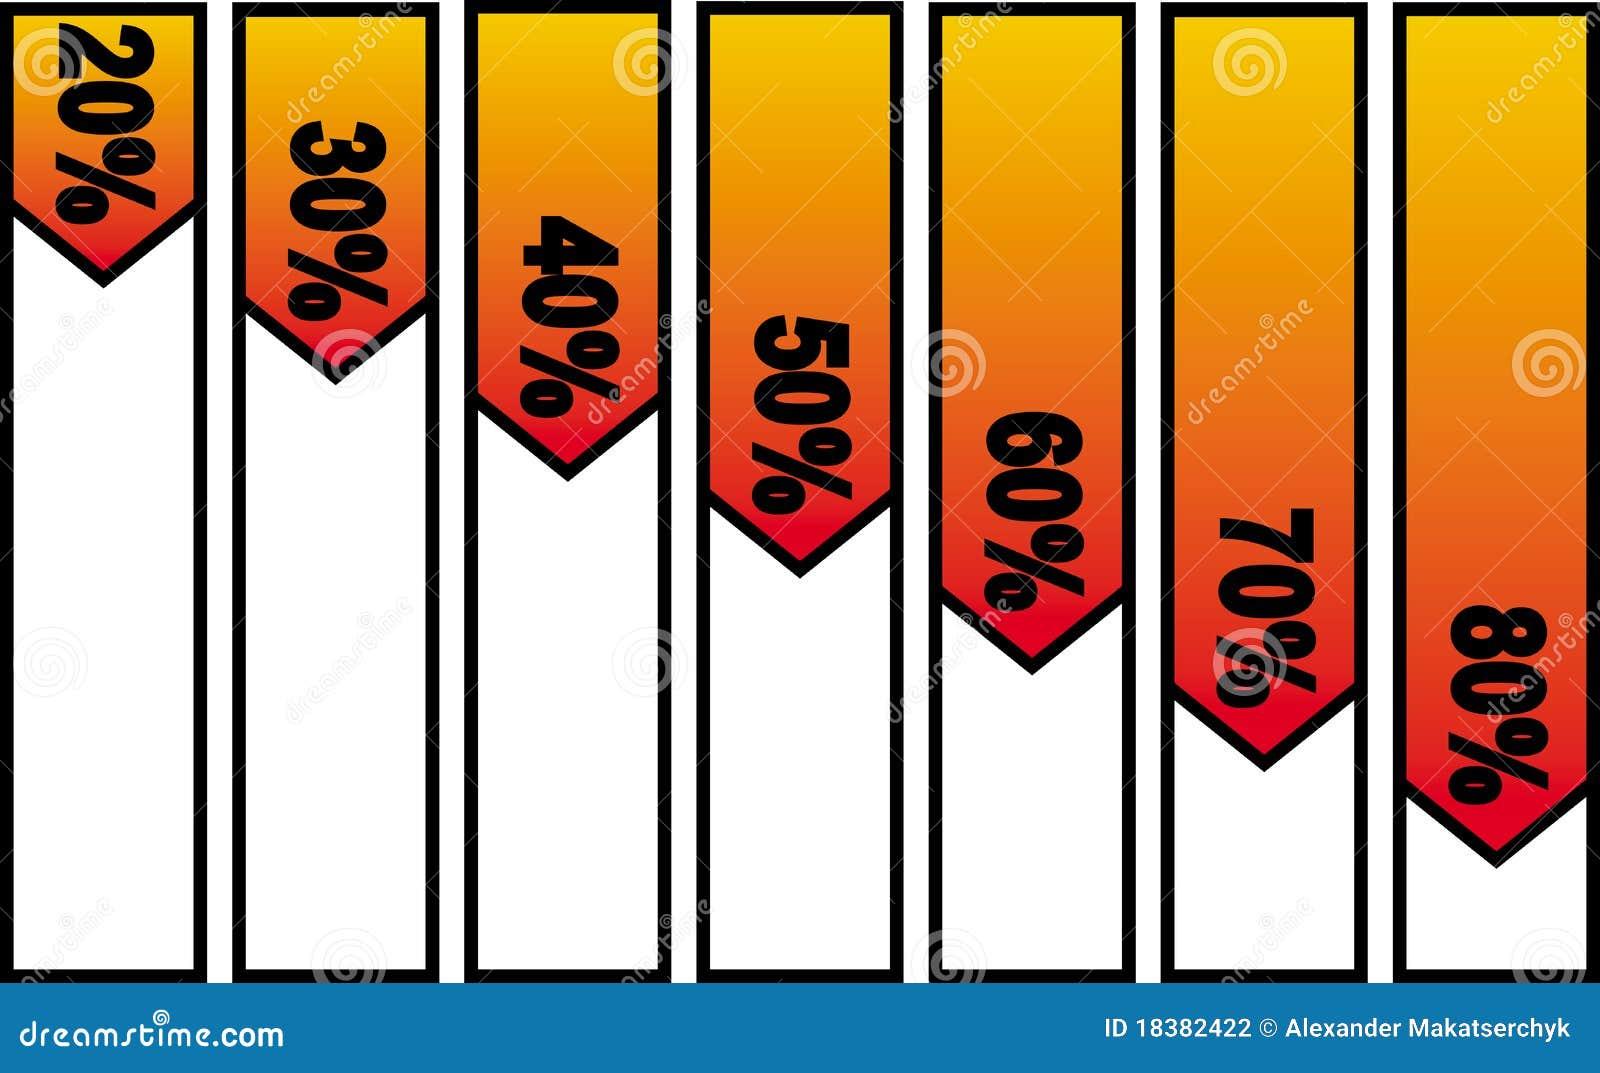 De verkoop van de aanbieding. Vector